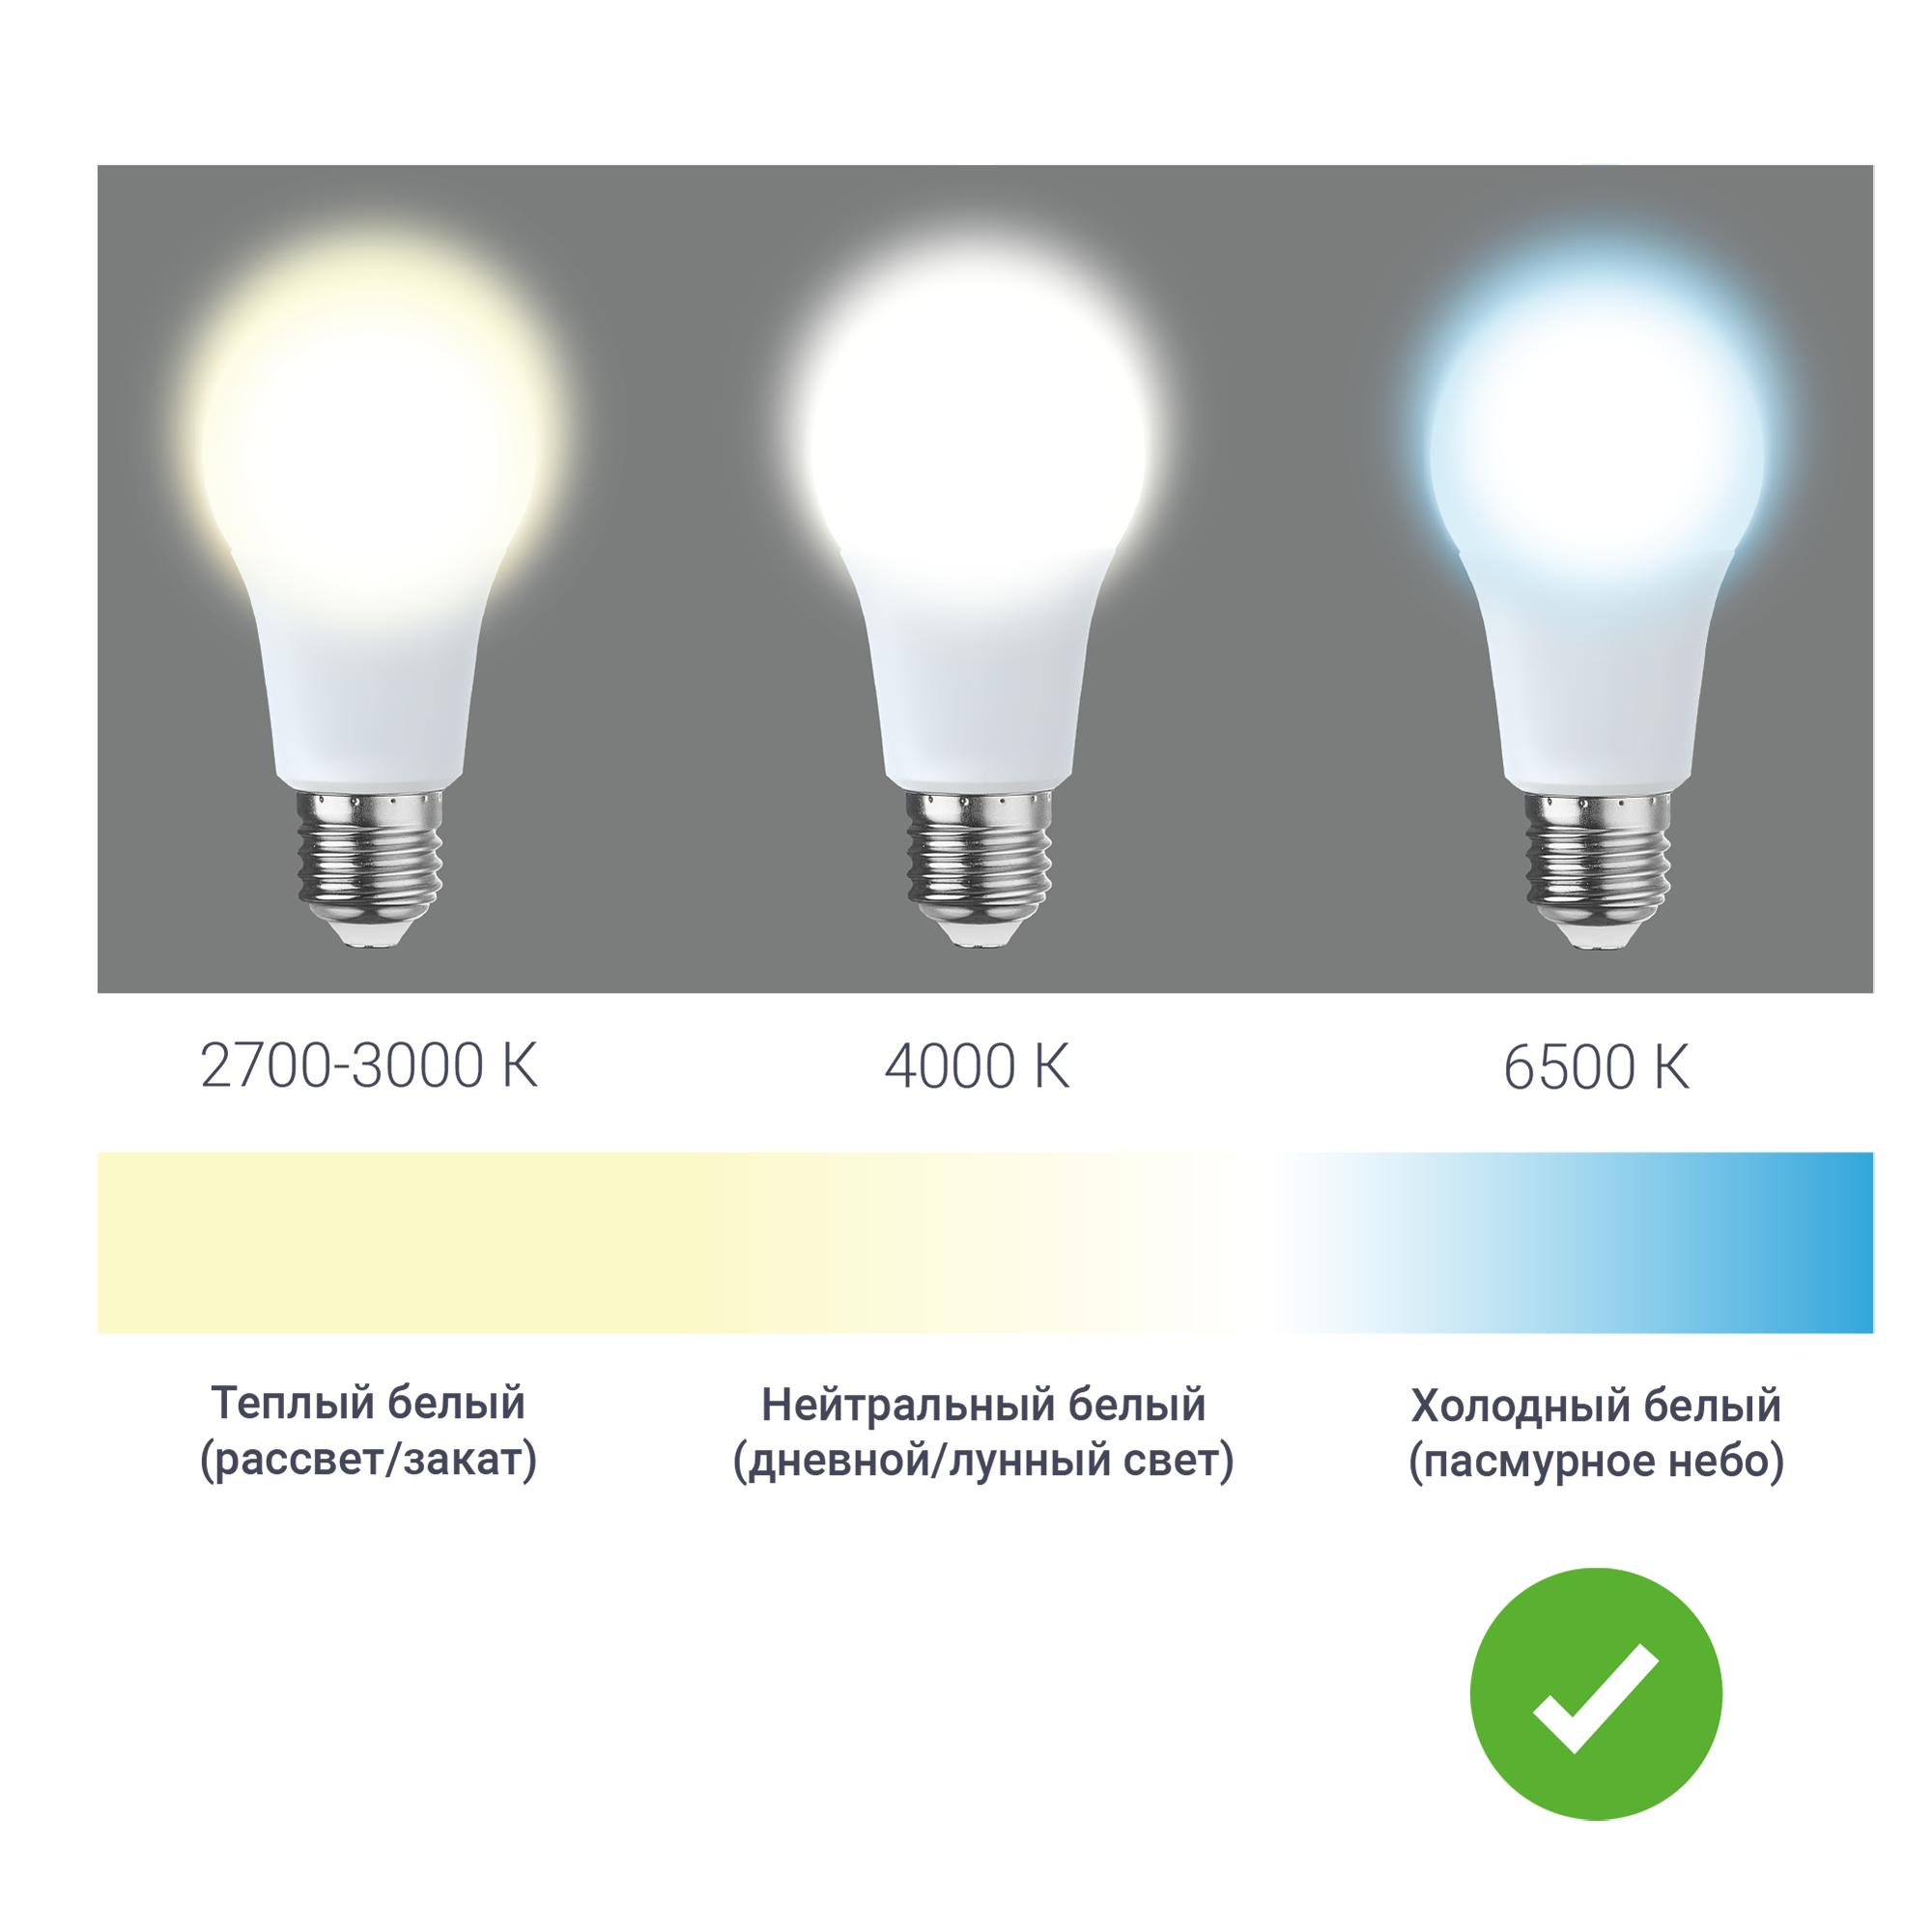 Лампа светодиодная Osram E27 8.5 Вт груша матовая 806 лм холодный белый свет